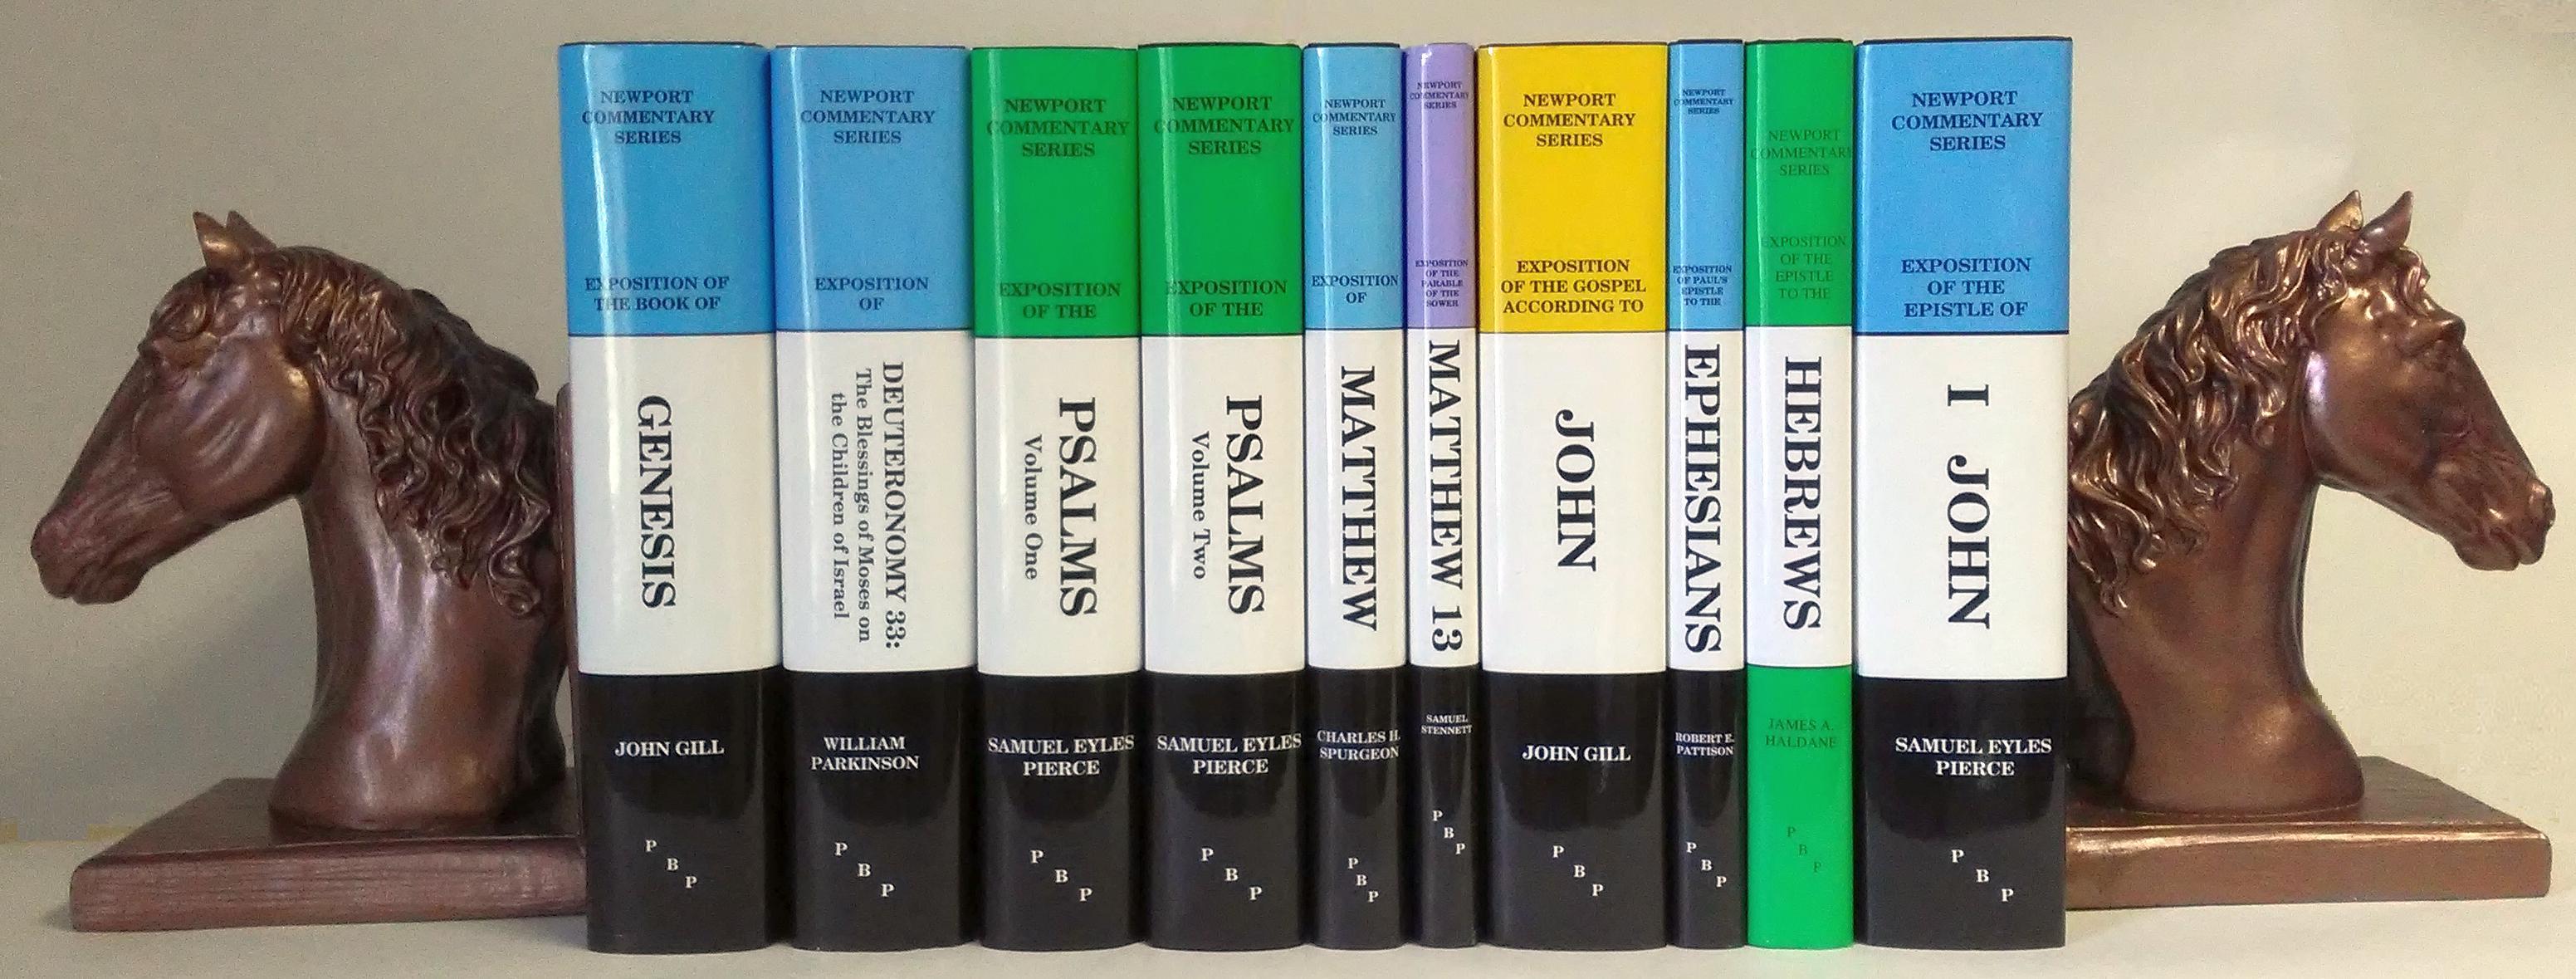 commentaries-set-of-10.jpg